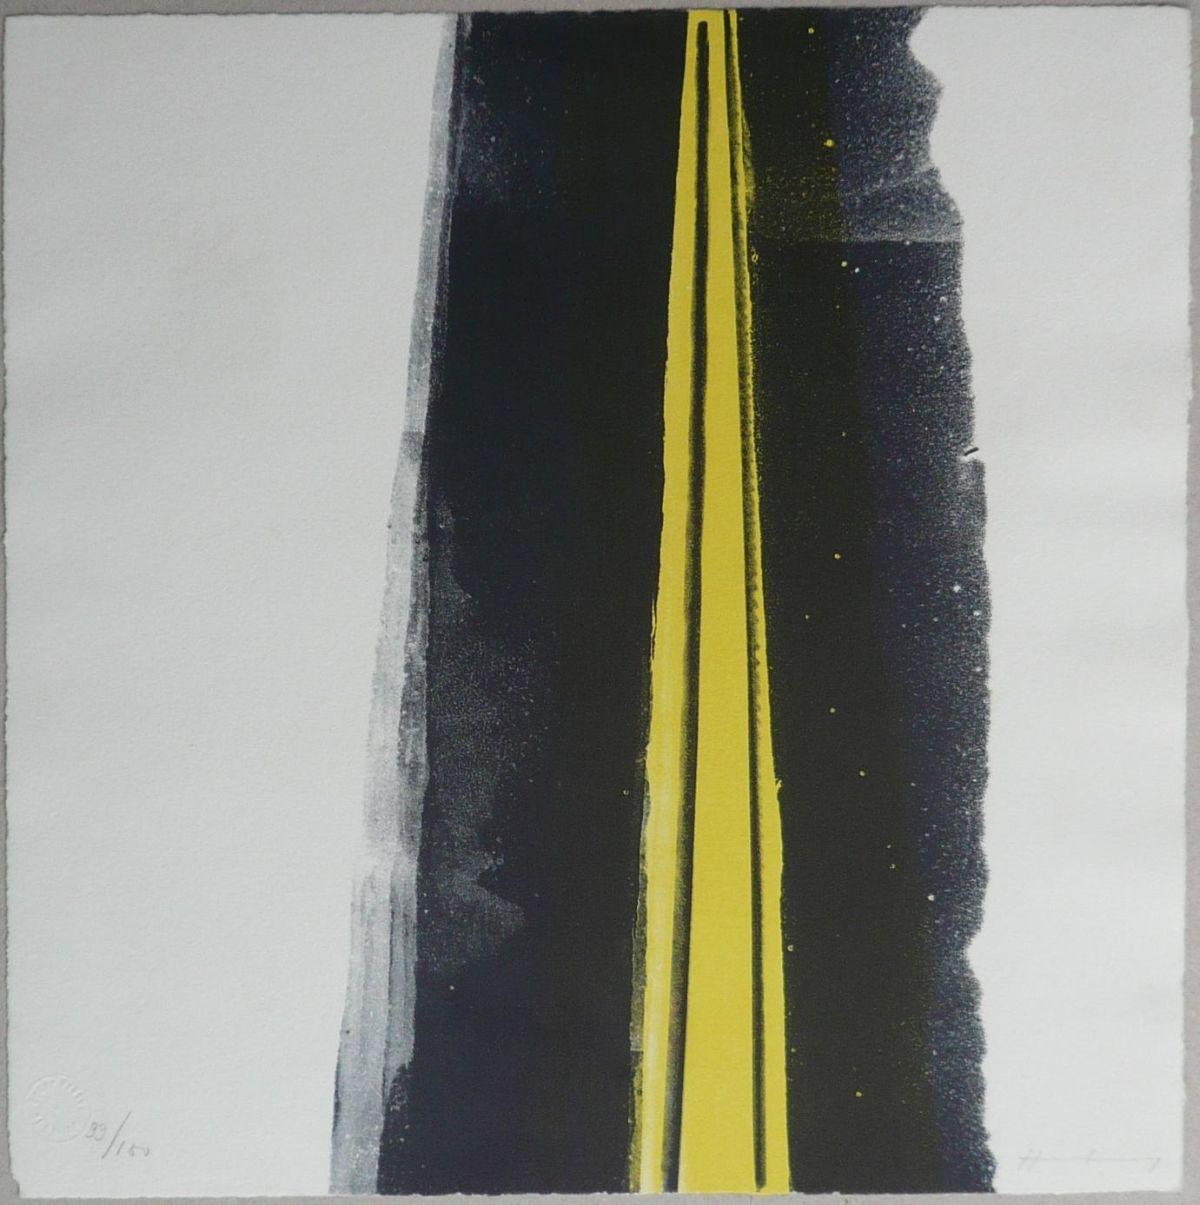 Hans Hartung - L 1973-26, Schwarz-Gelb - handsignierte und nummerierte Original-Lithographie von 1973 kopen? Bied vanaf 390!